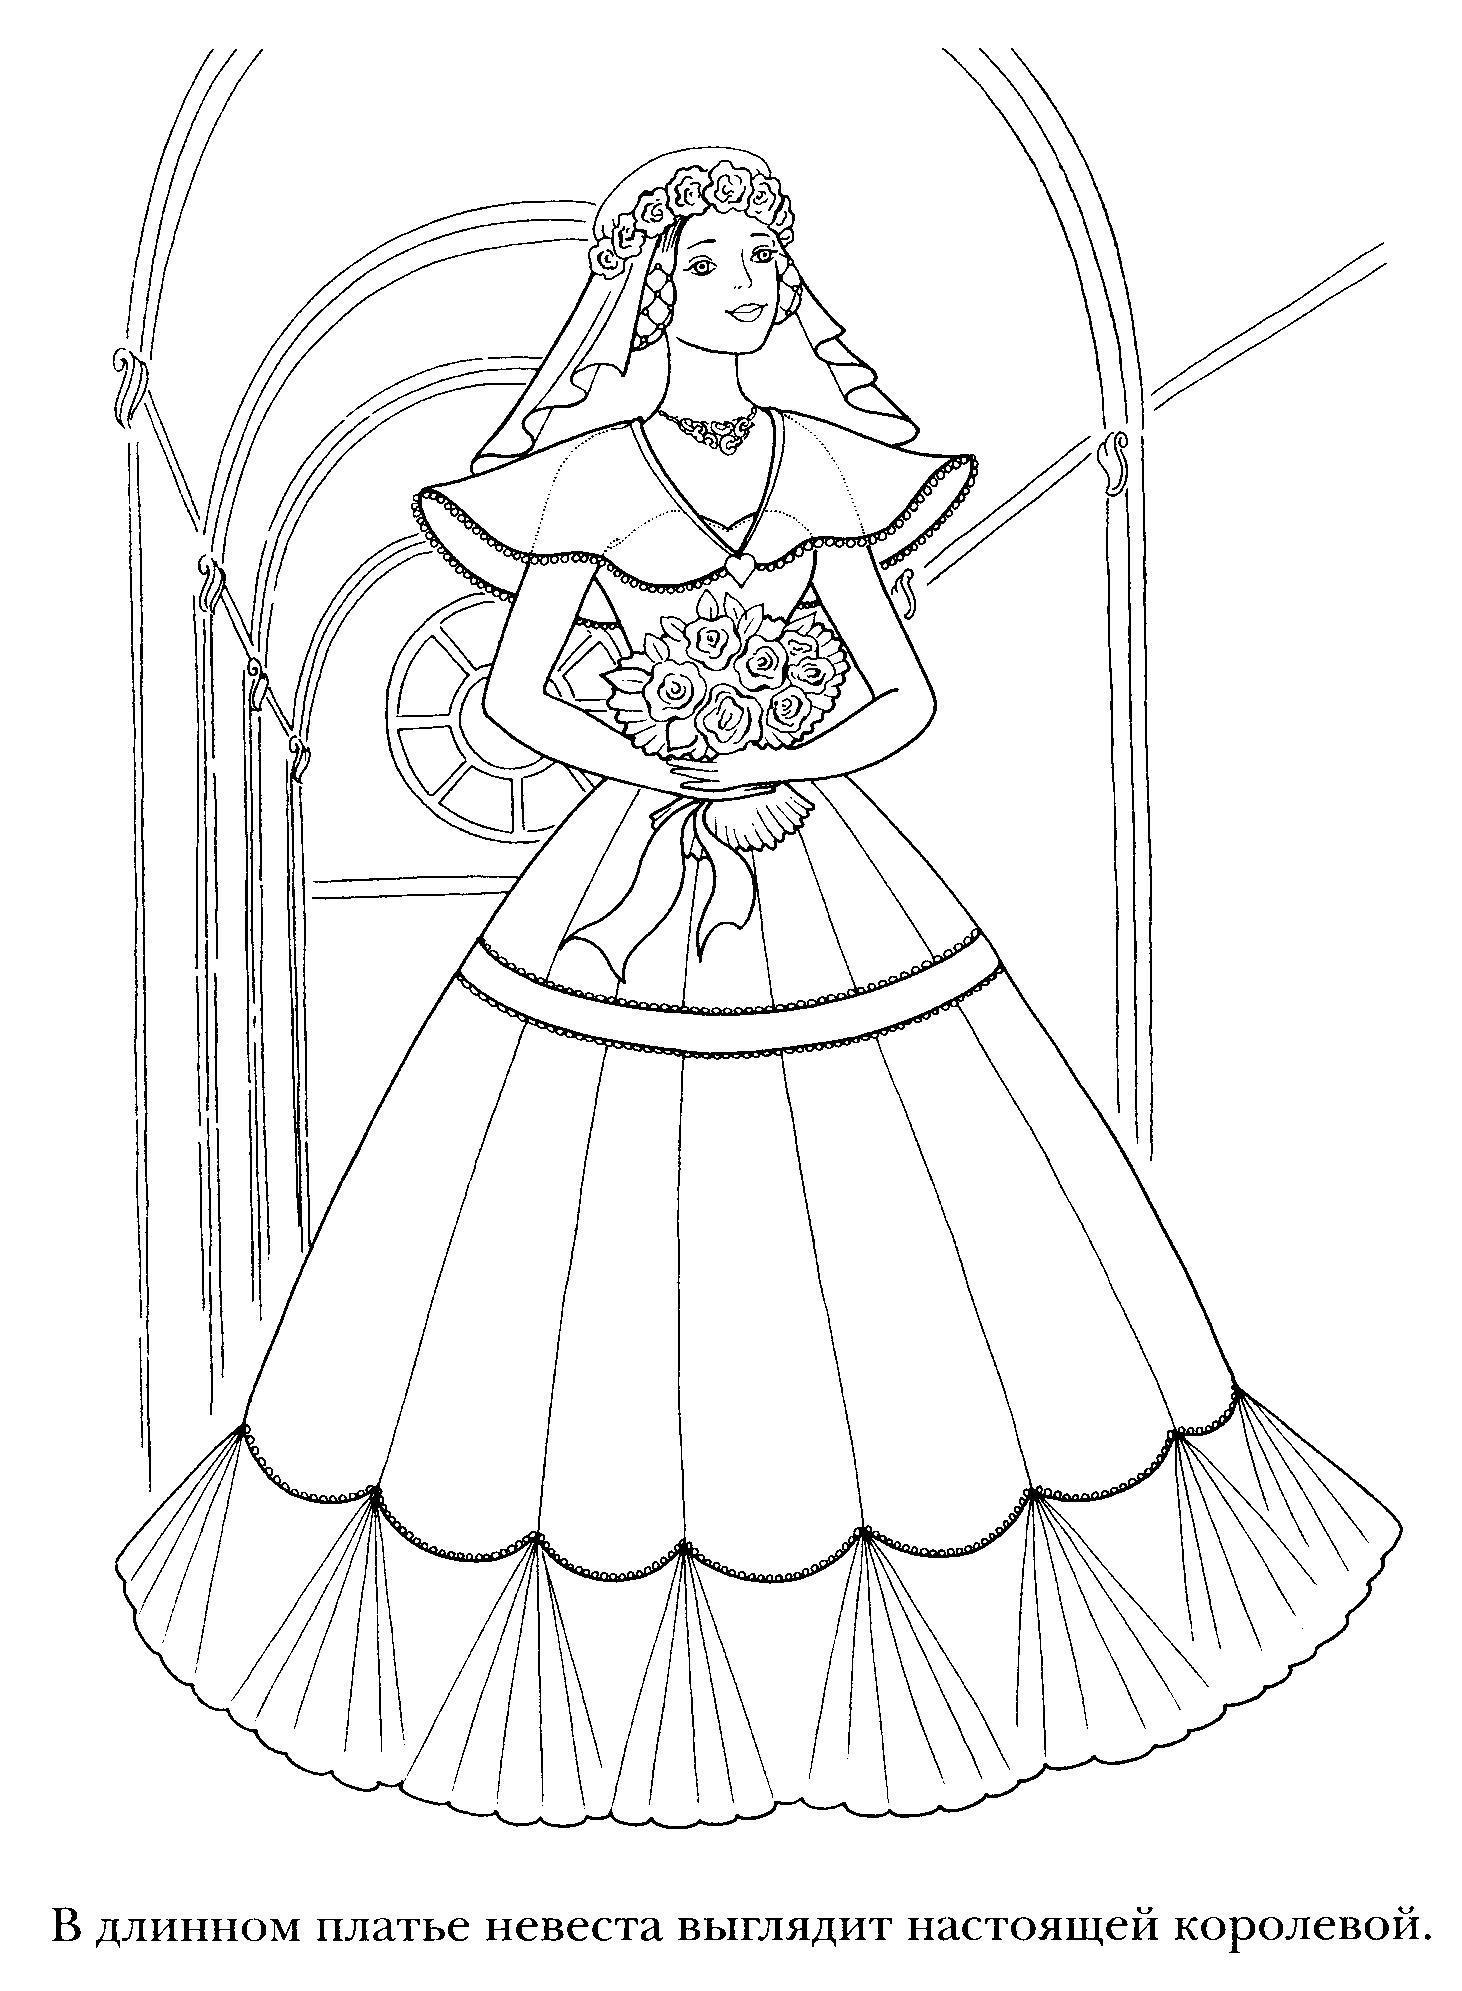 Платье невесты Раскраски для девочек распечатать